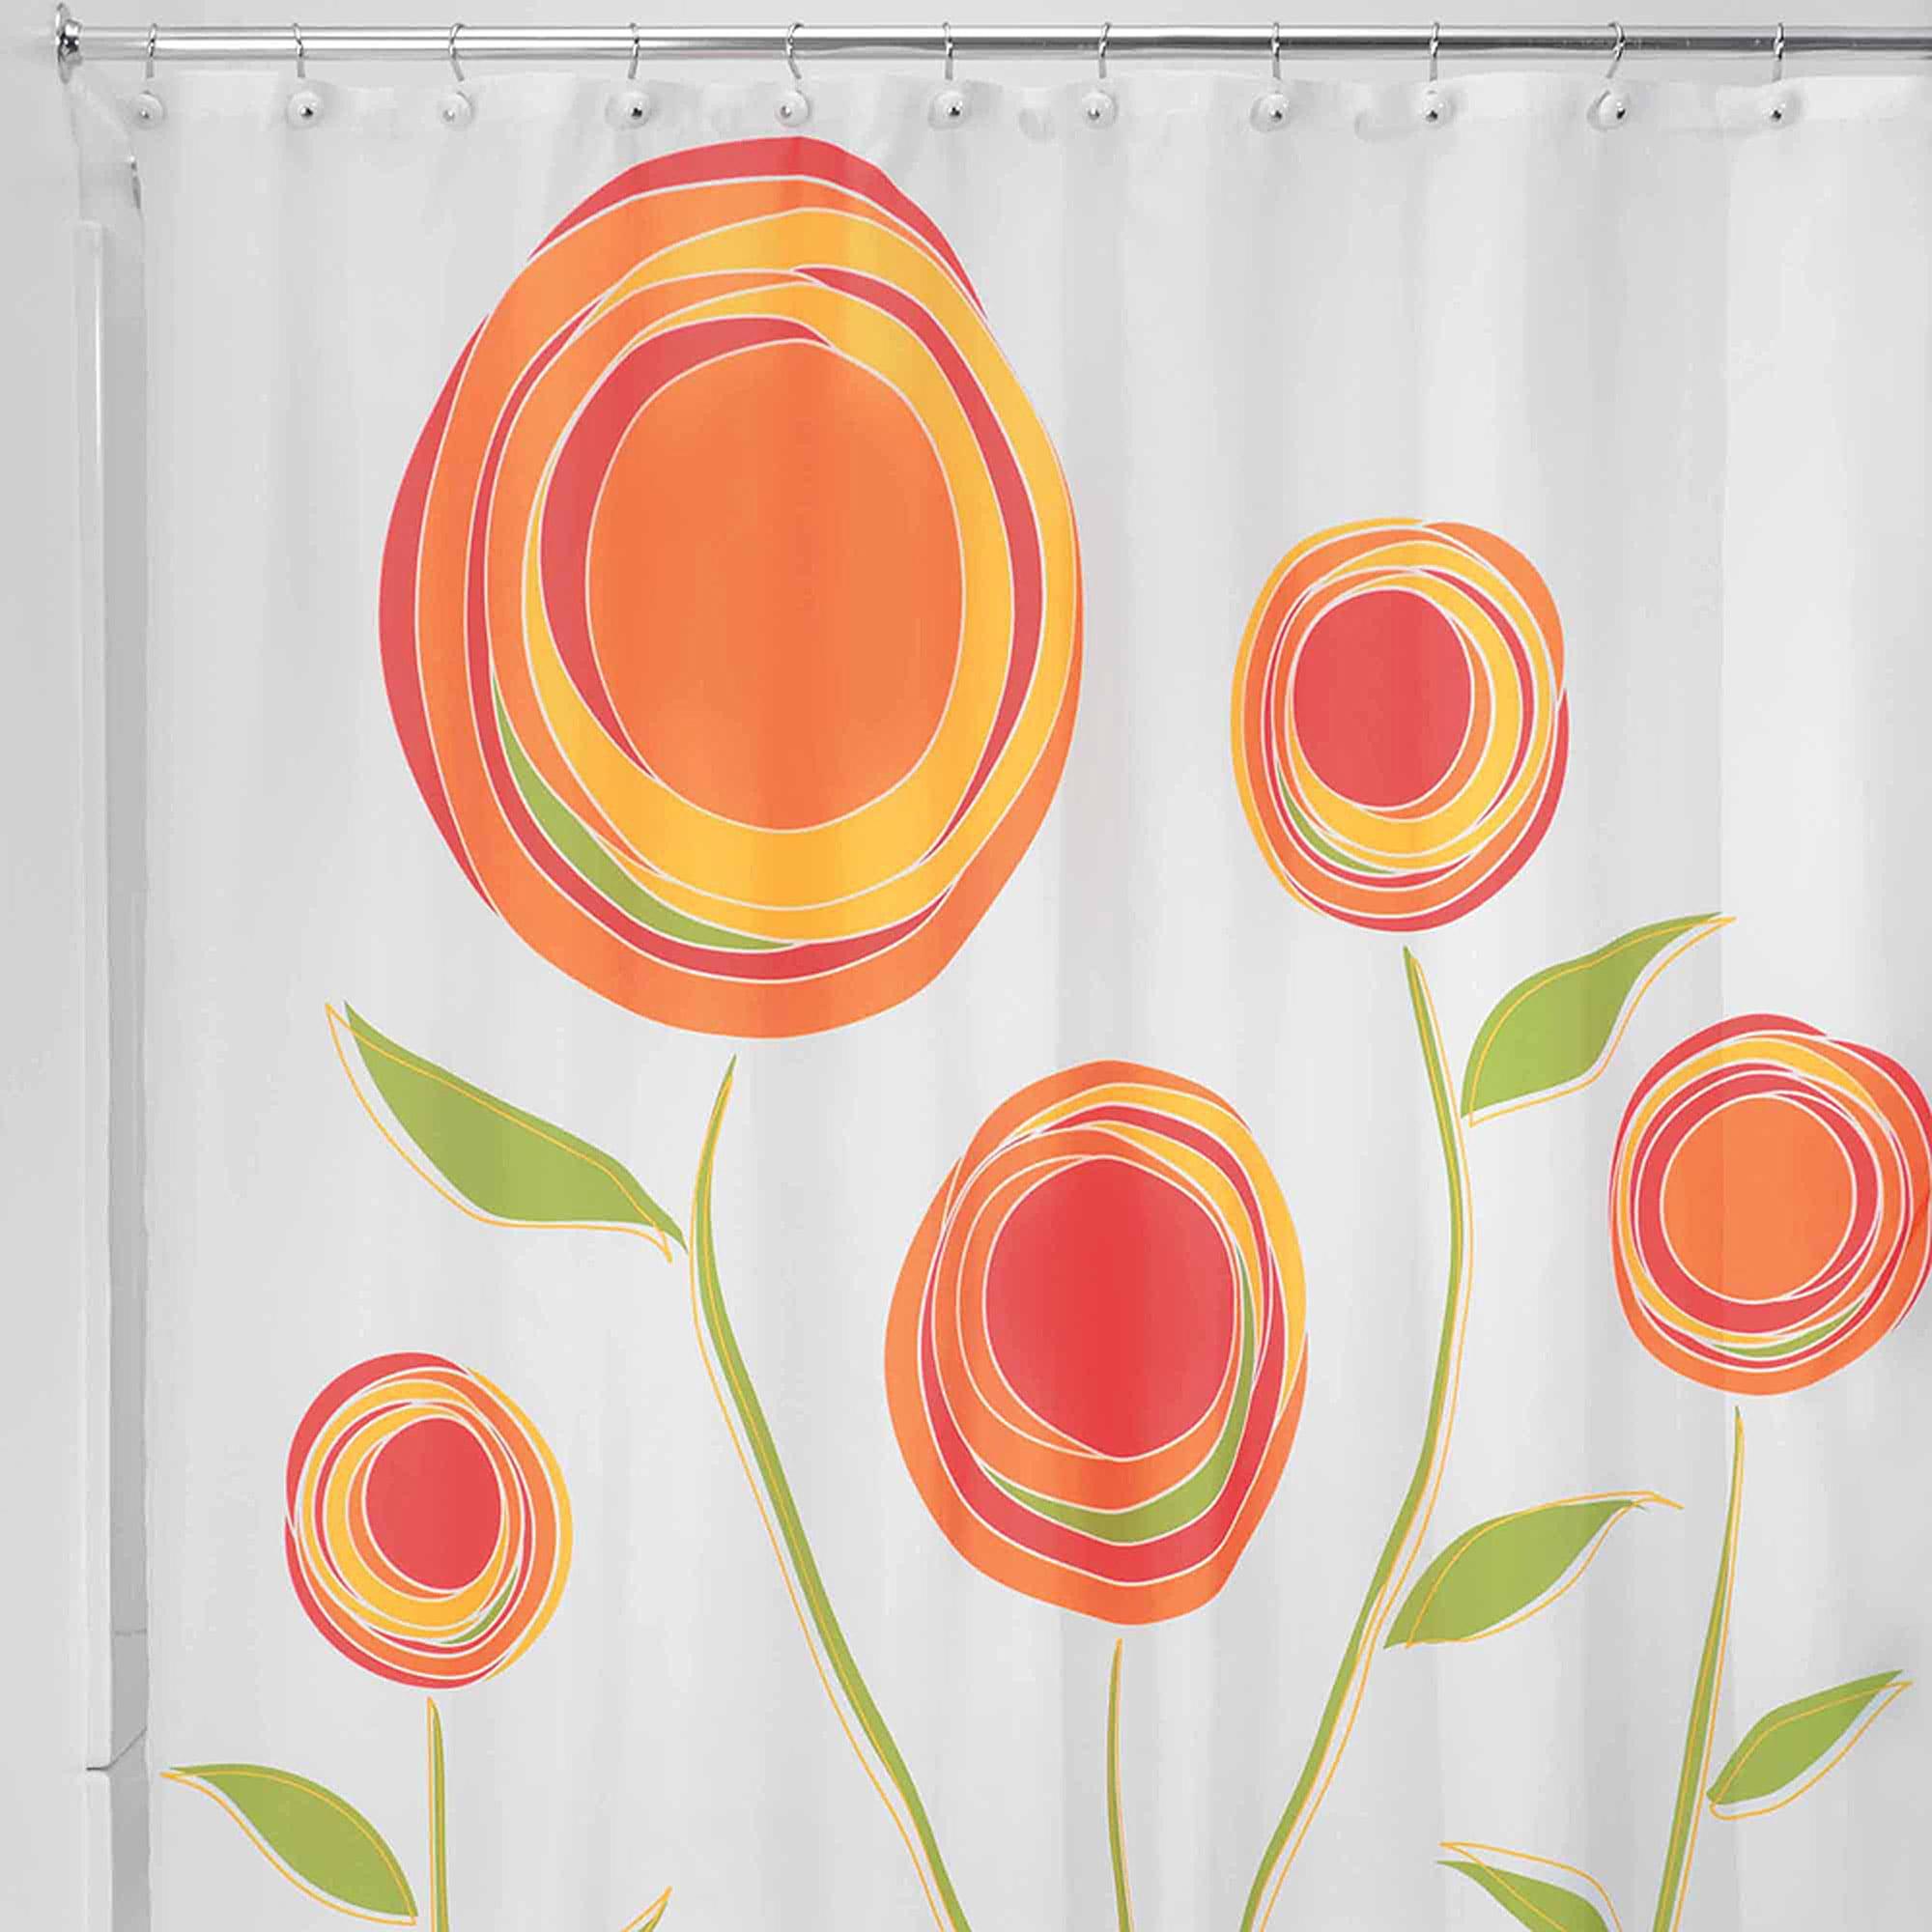 InterDesign Marigold Fabric Shower Curtain Standard 72 X Orange Red